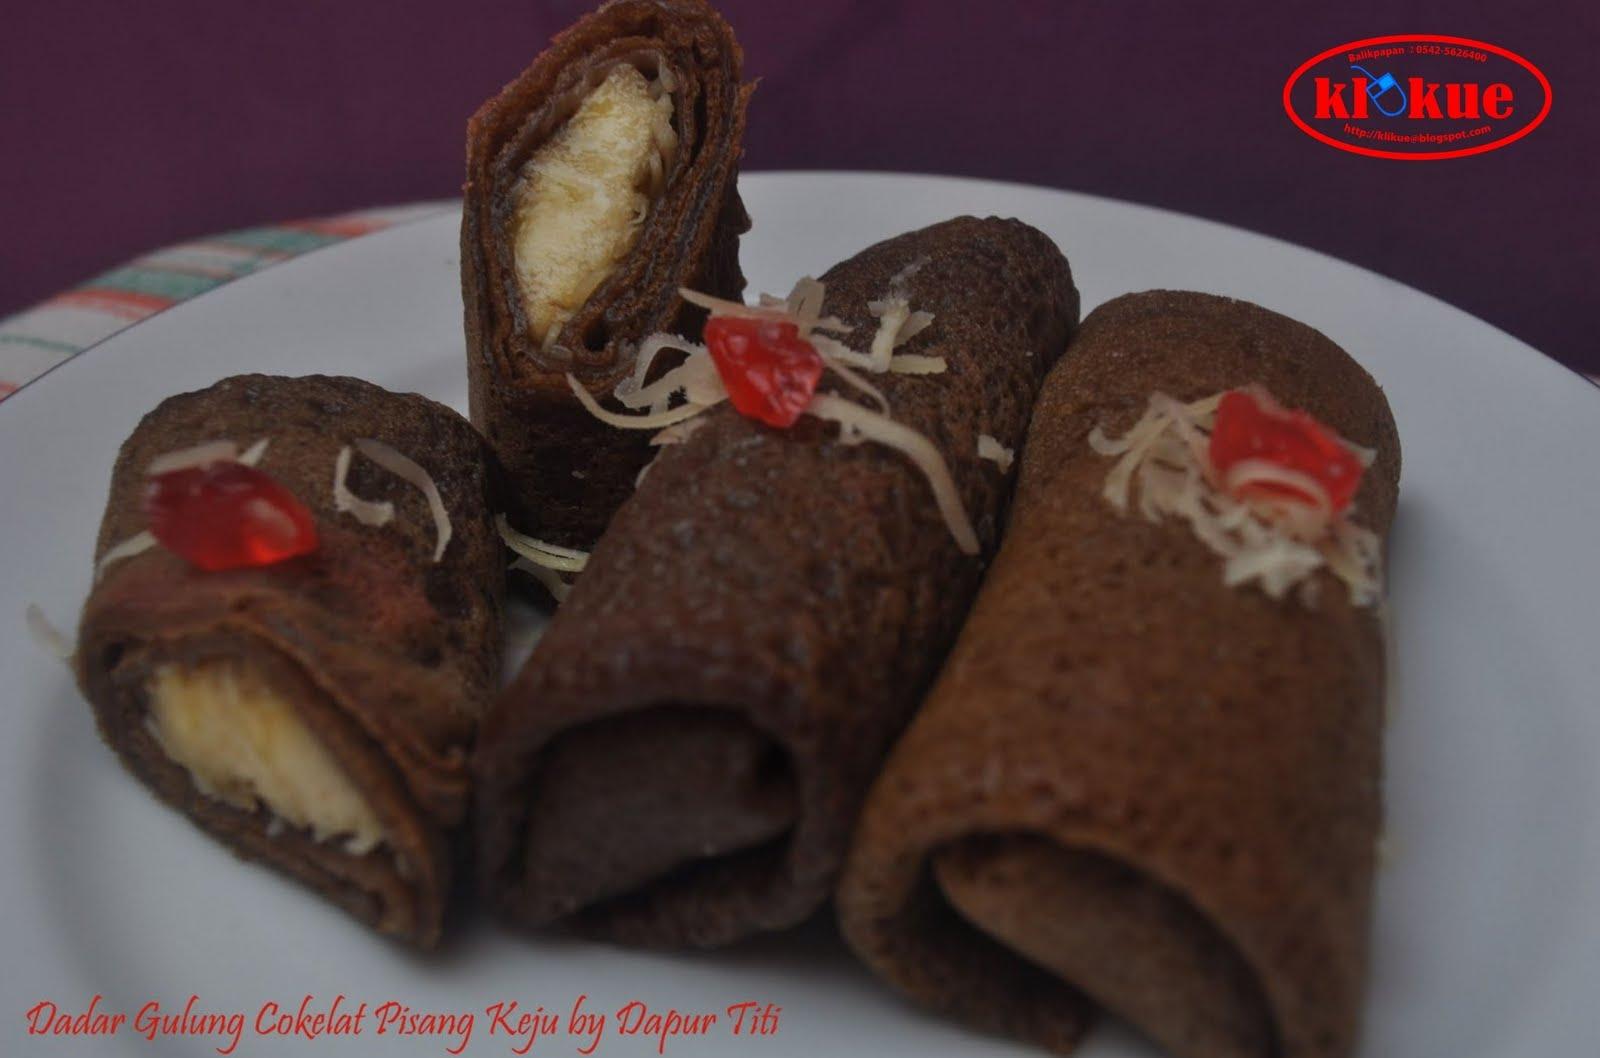 Klikue Balikpapan Cakes And Puddings Online Shop Dadar Gulung Cokelat